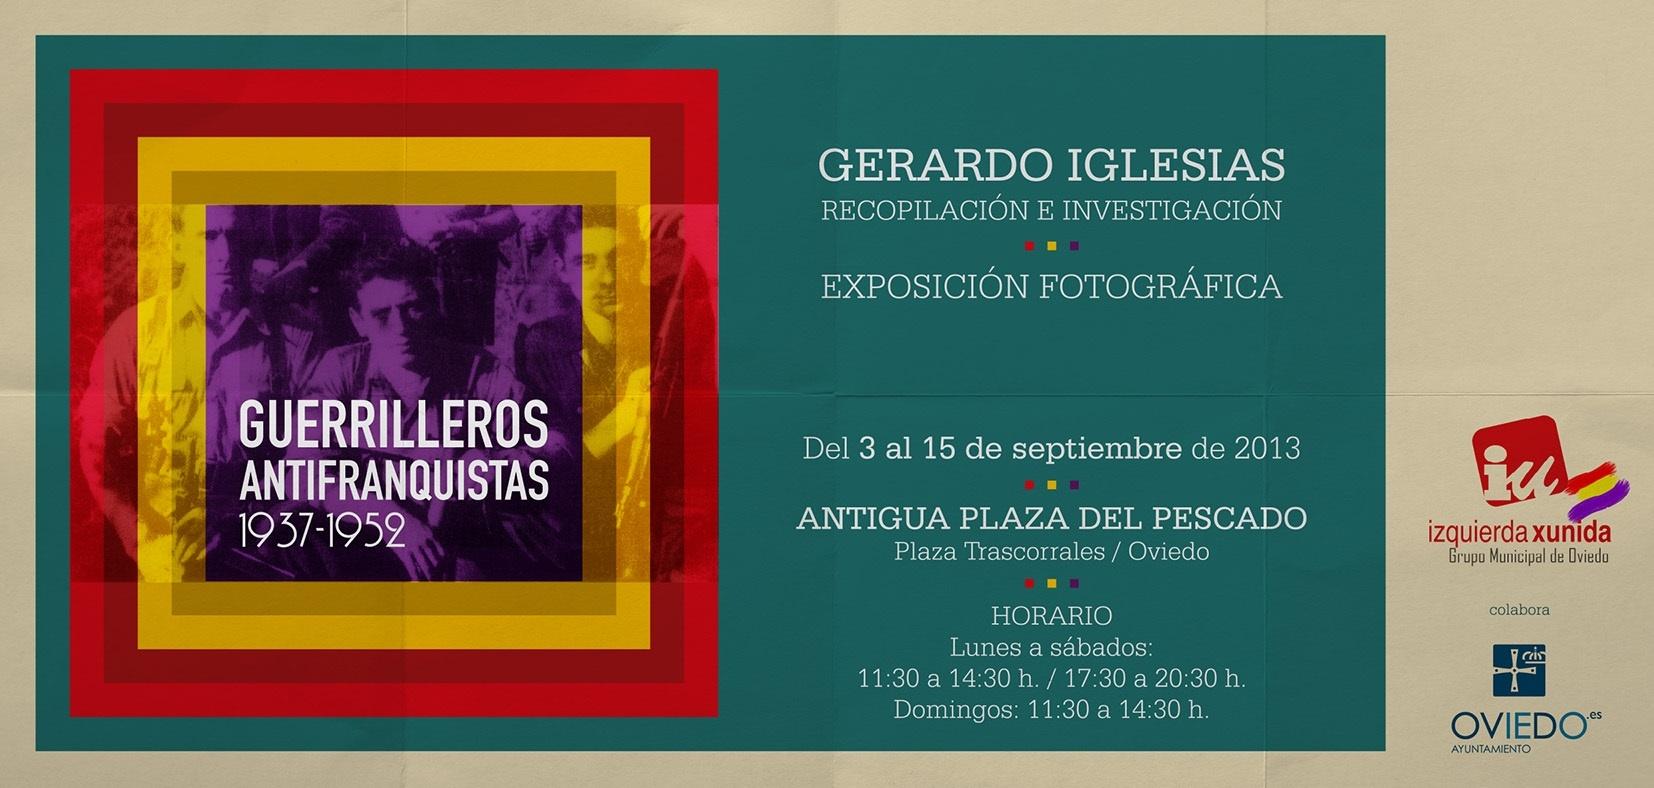 IU organiza la exposición fotográfica »Guerrilleros antifranquistas 1937-1952»